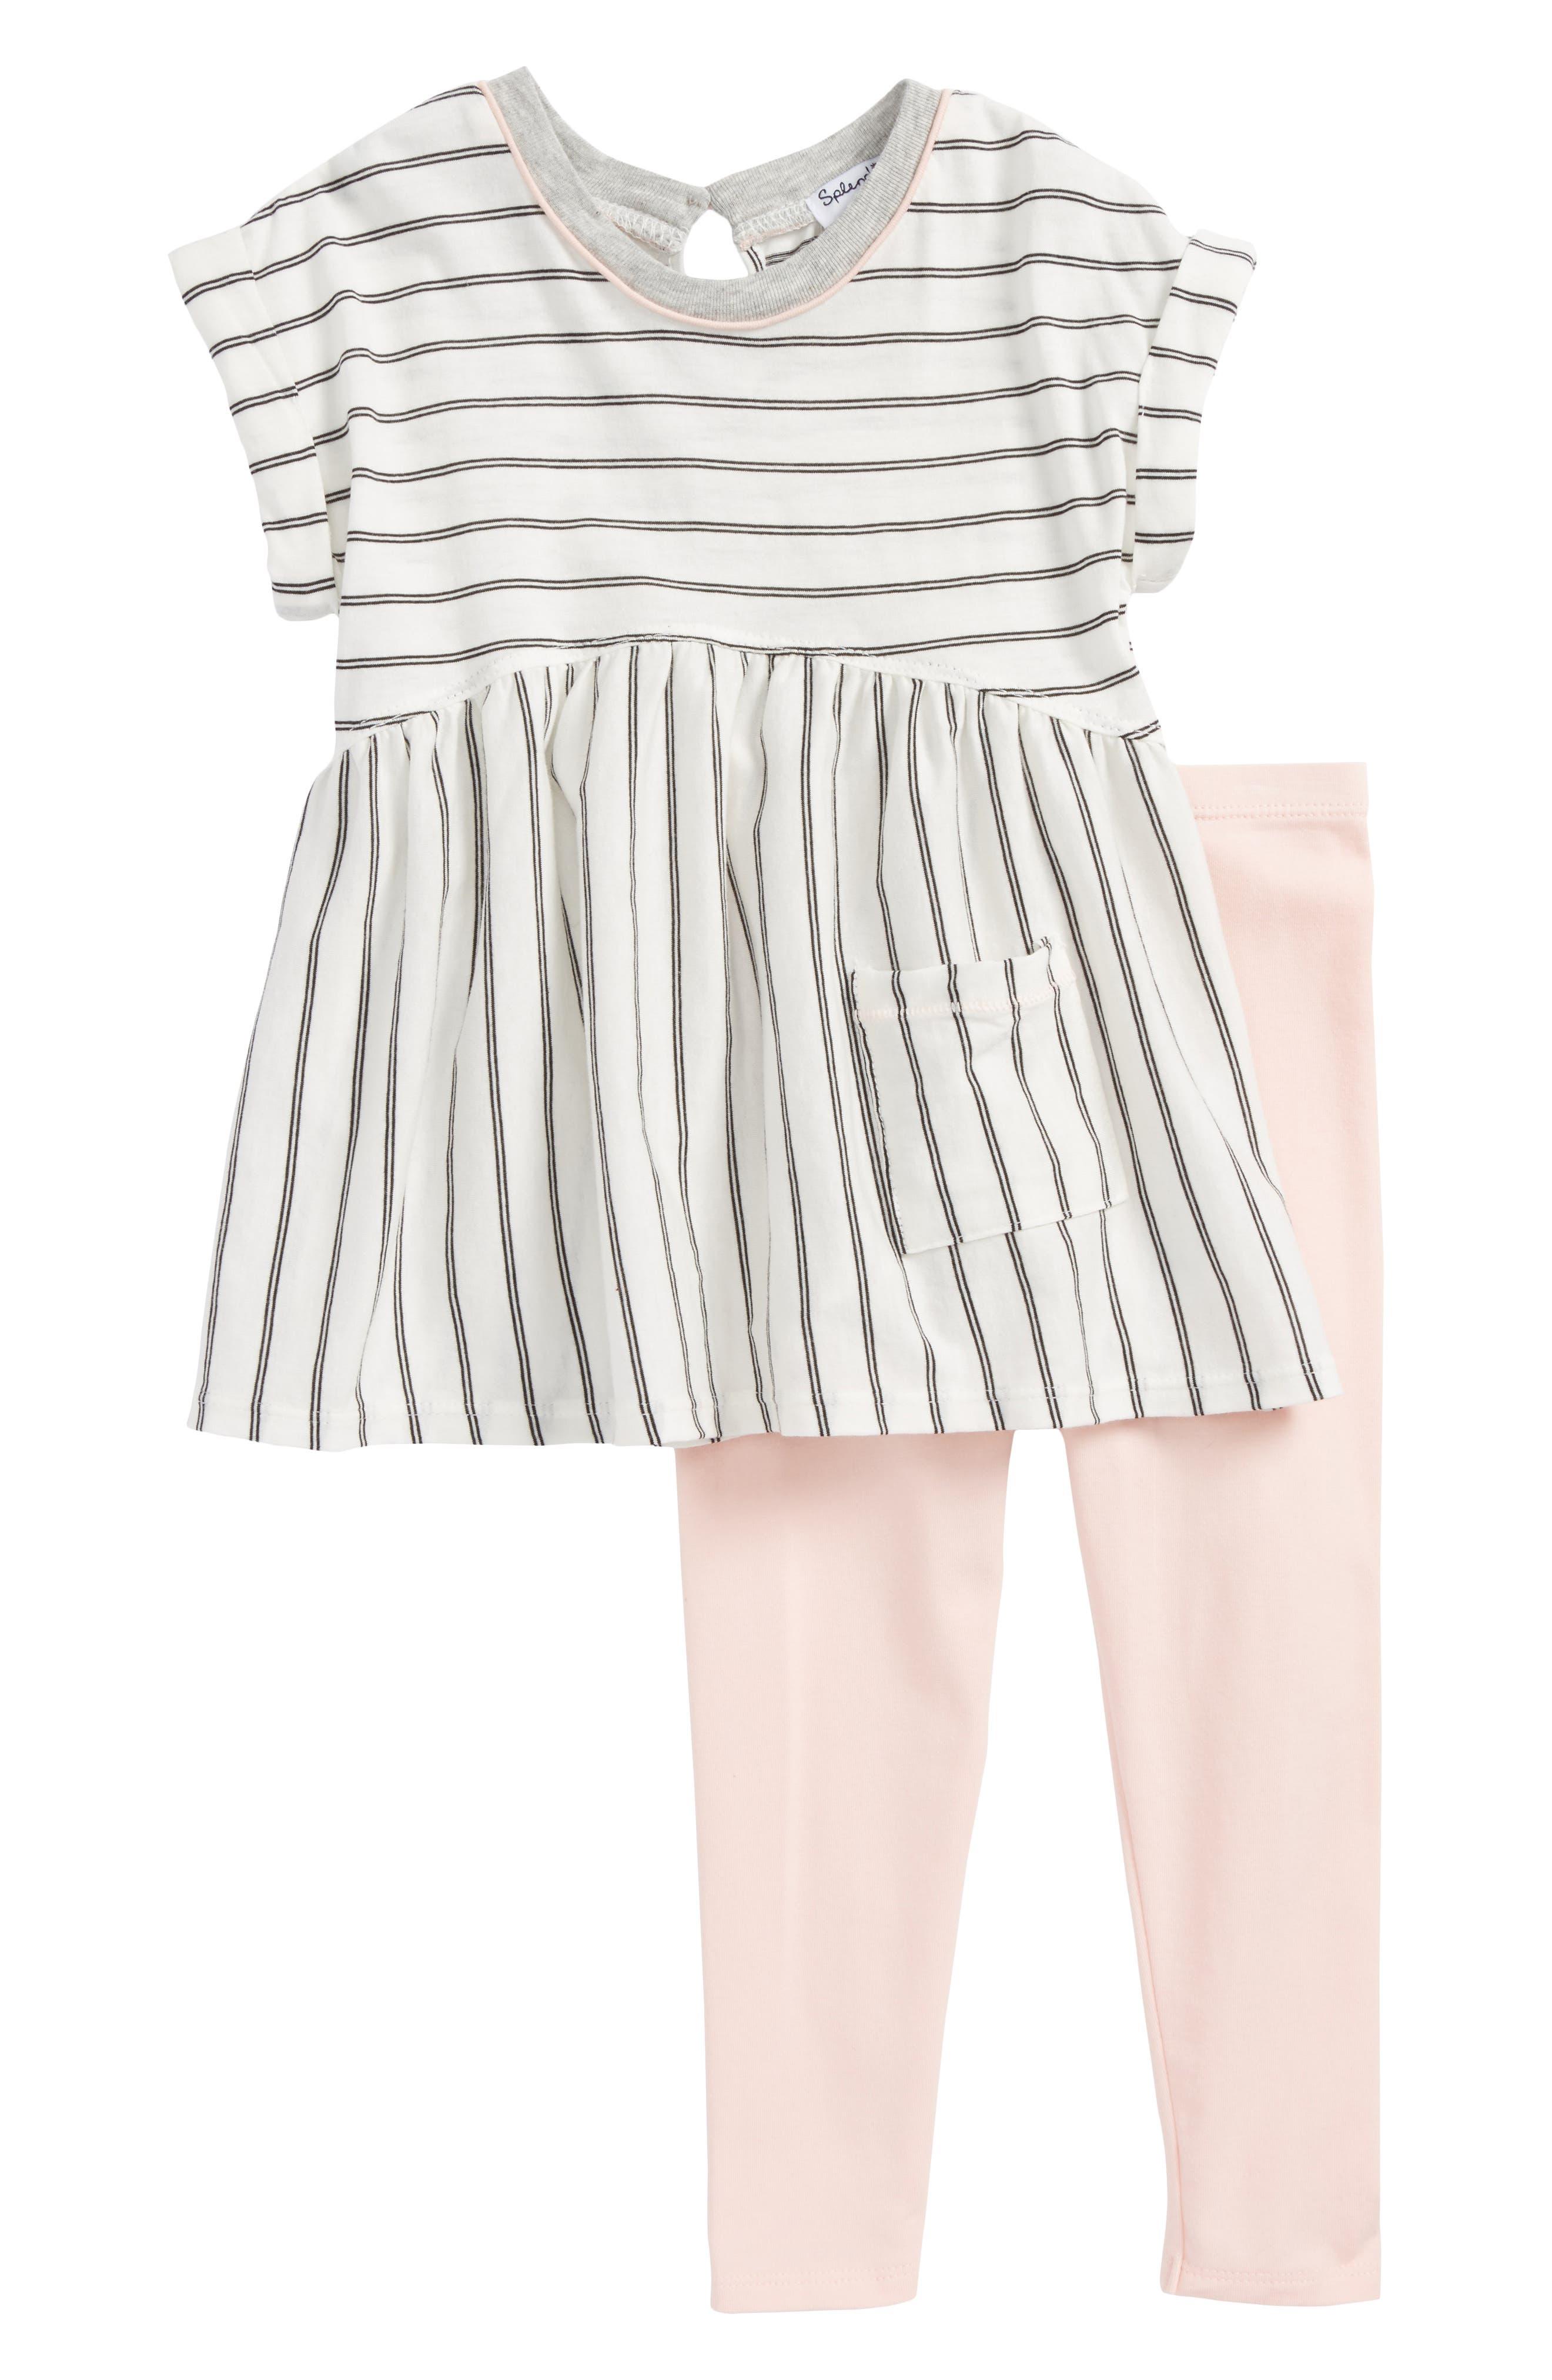 Main Image - Splendid Stripe Top & Leggings Set (Toddler Girls & Little Girls)